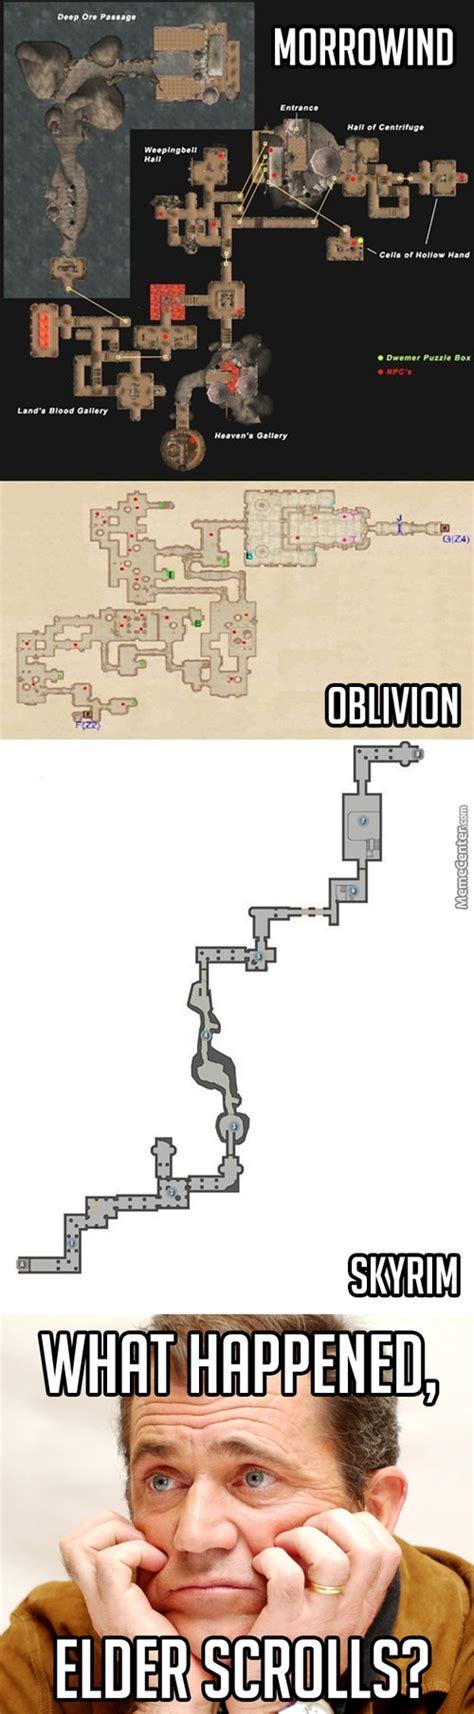 The Elder Scrolls Memes - elder scrolls memes best collection of funny elder scrolls pictures